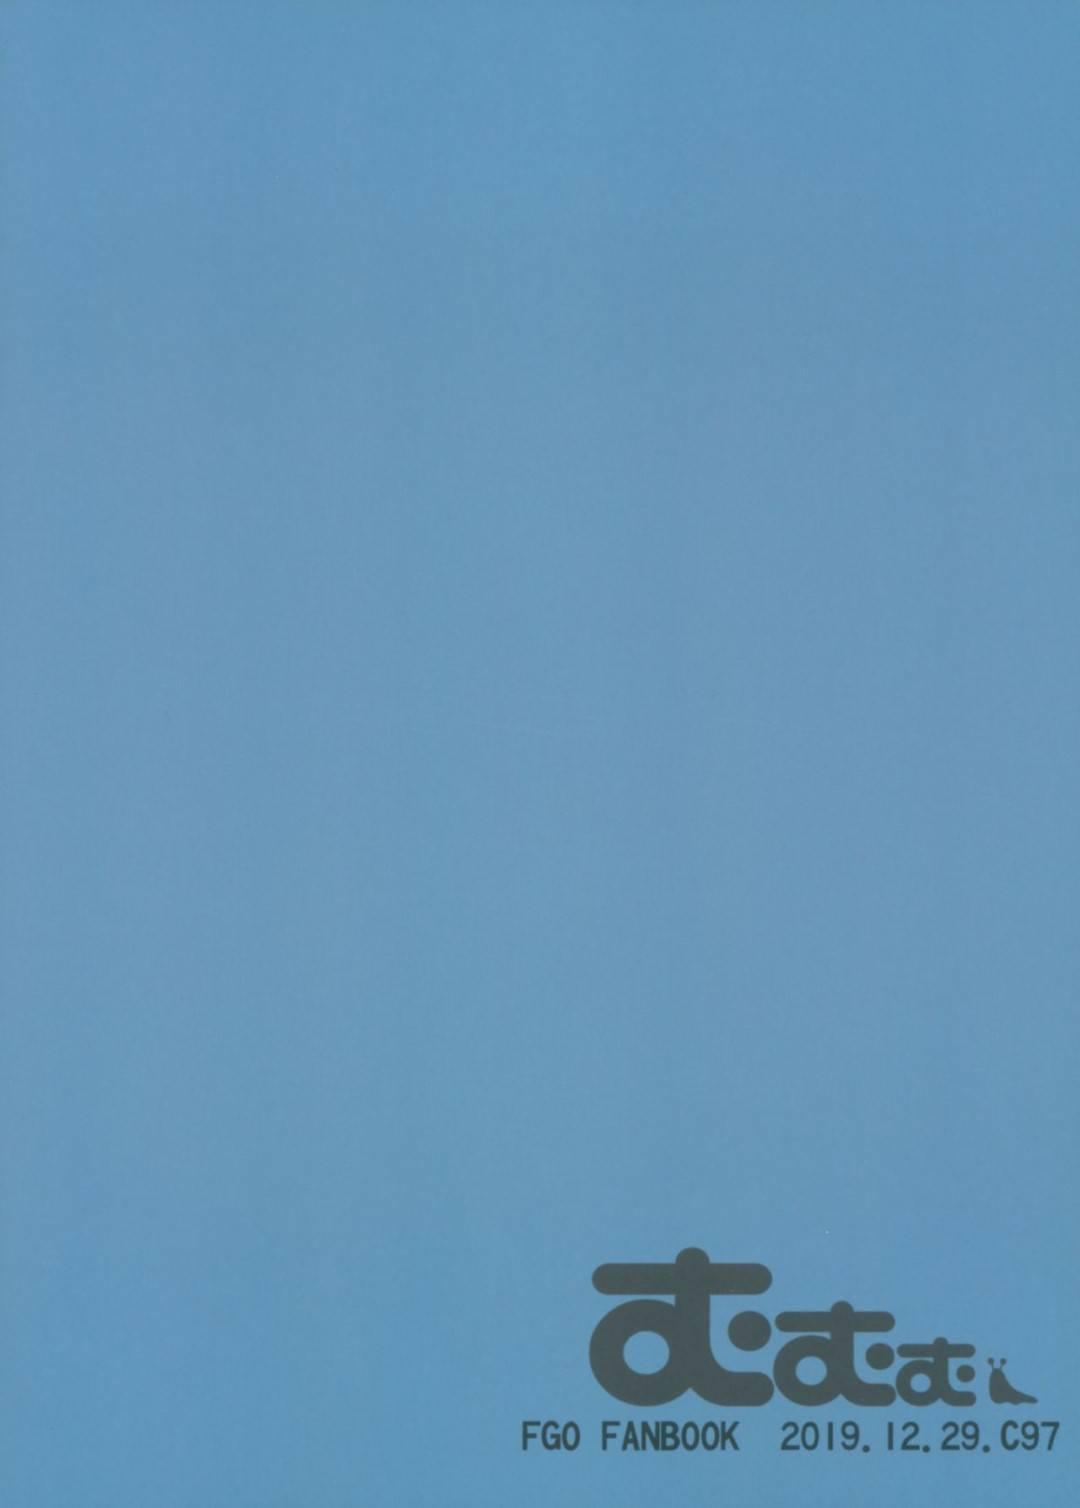 【エロ漫画】サンタコスでマスターにご奉仕エッチをするアビー…彼女は彼に手コキやフェラで射精させた後、正常位や騎乗位でイチャラブセックスする!【むむむ:サンタアビーちゃんの性なるご奉仕ナイト】